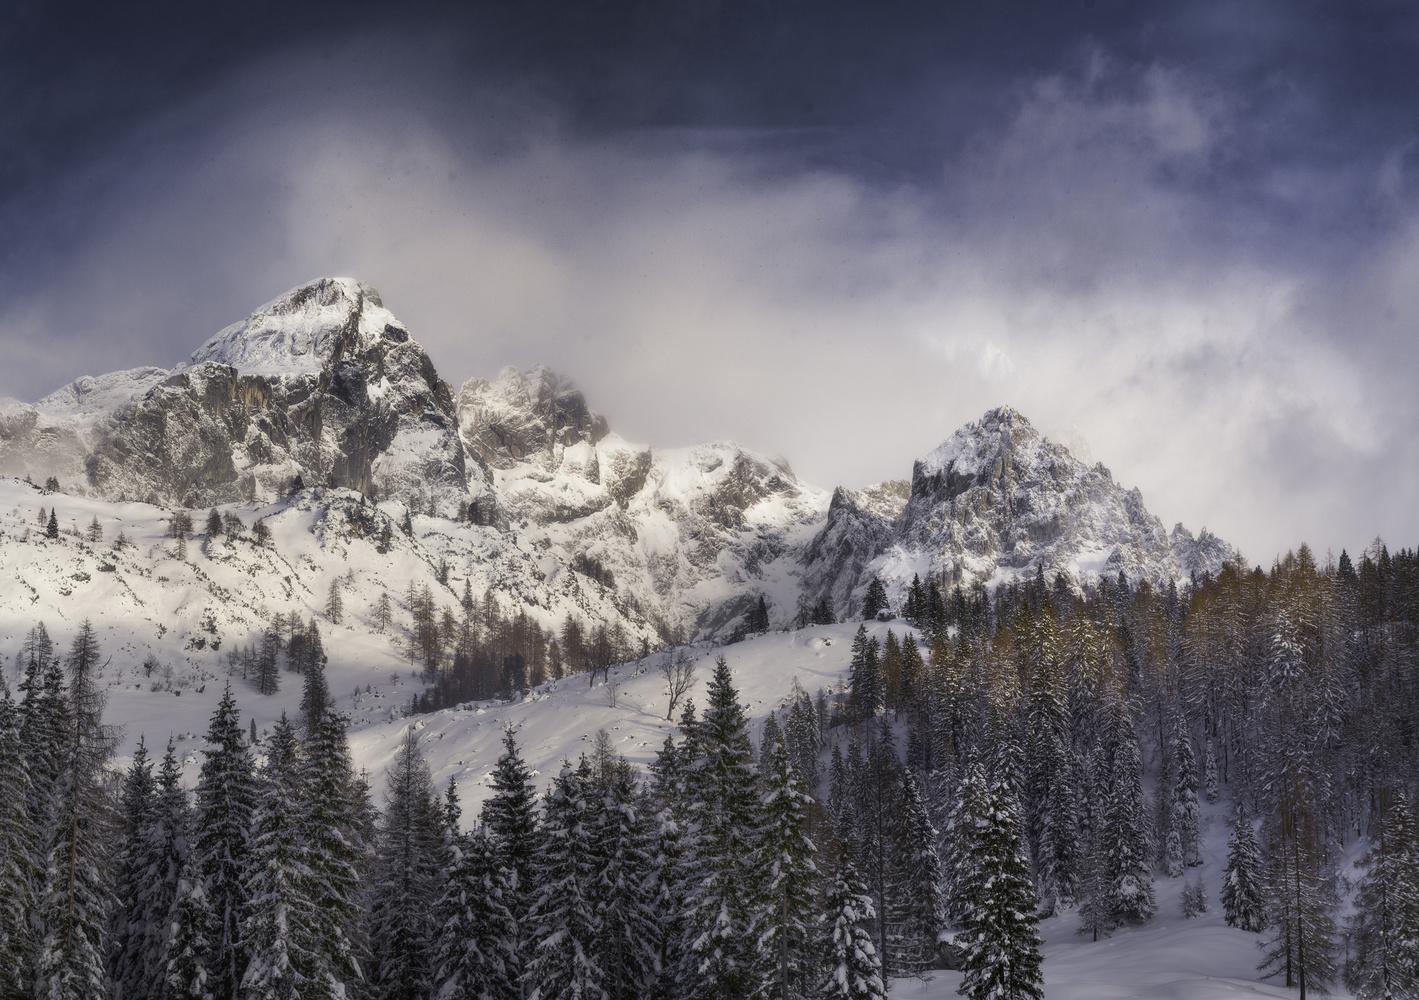 Dachstein Massive by Corin Vilanek